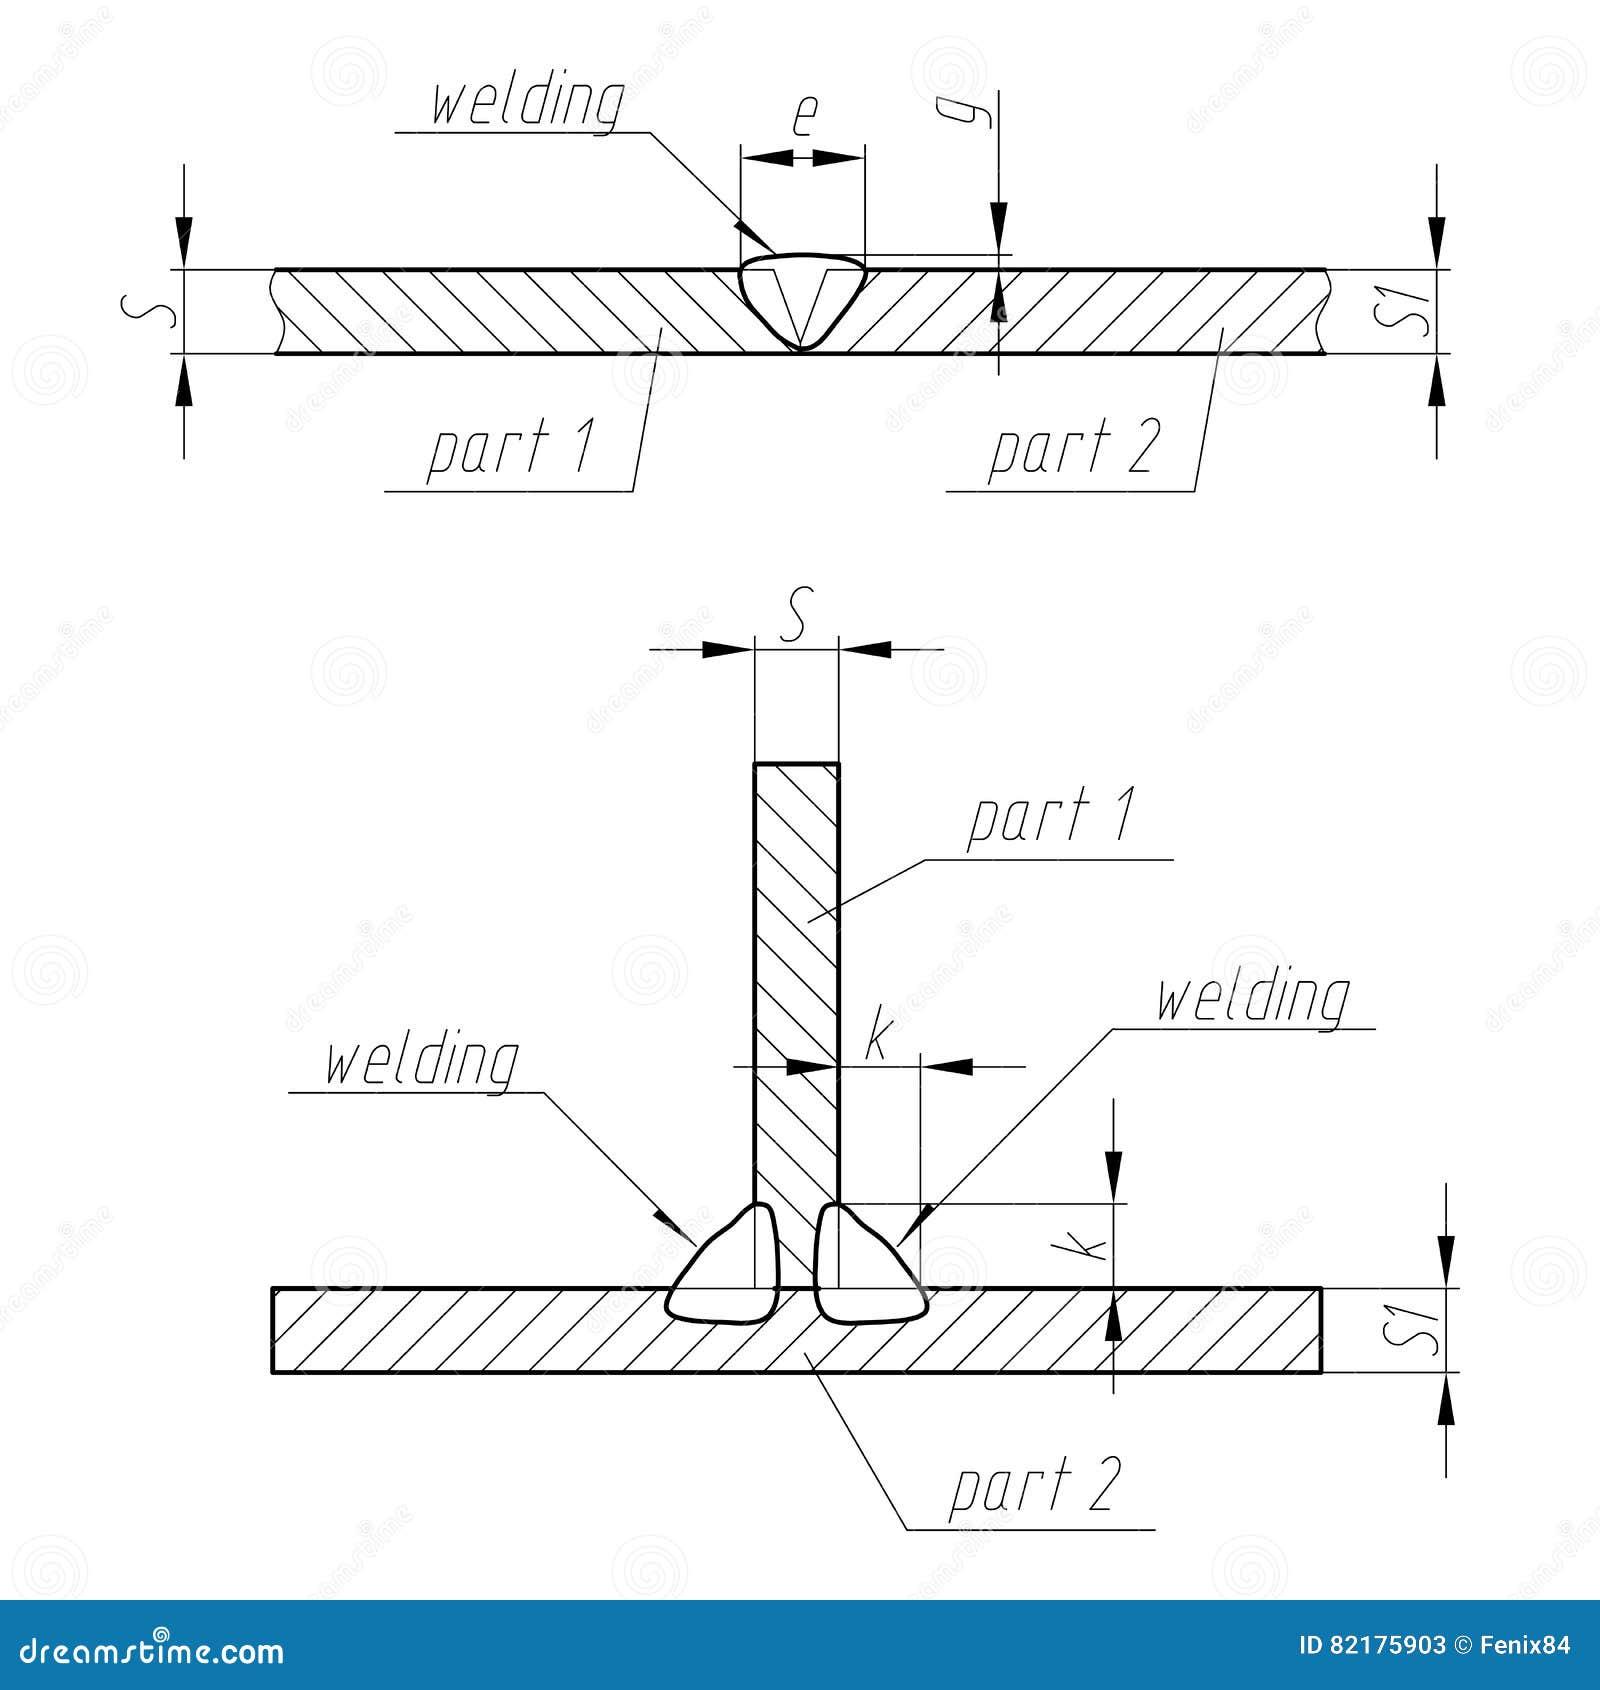 Weld Scheme Of Welding Two Parts Vector Illustration Stock Diagram